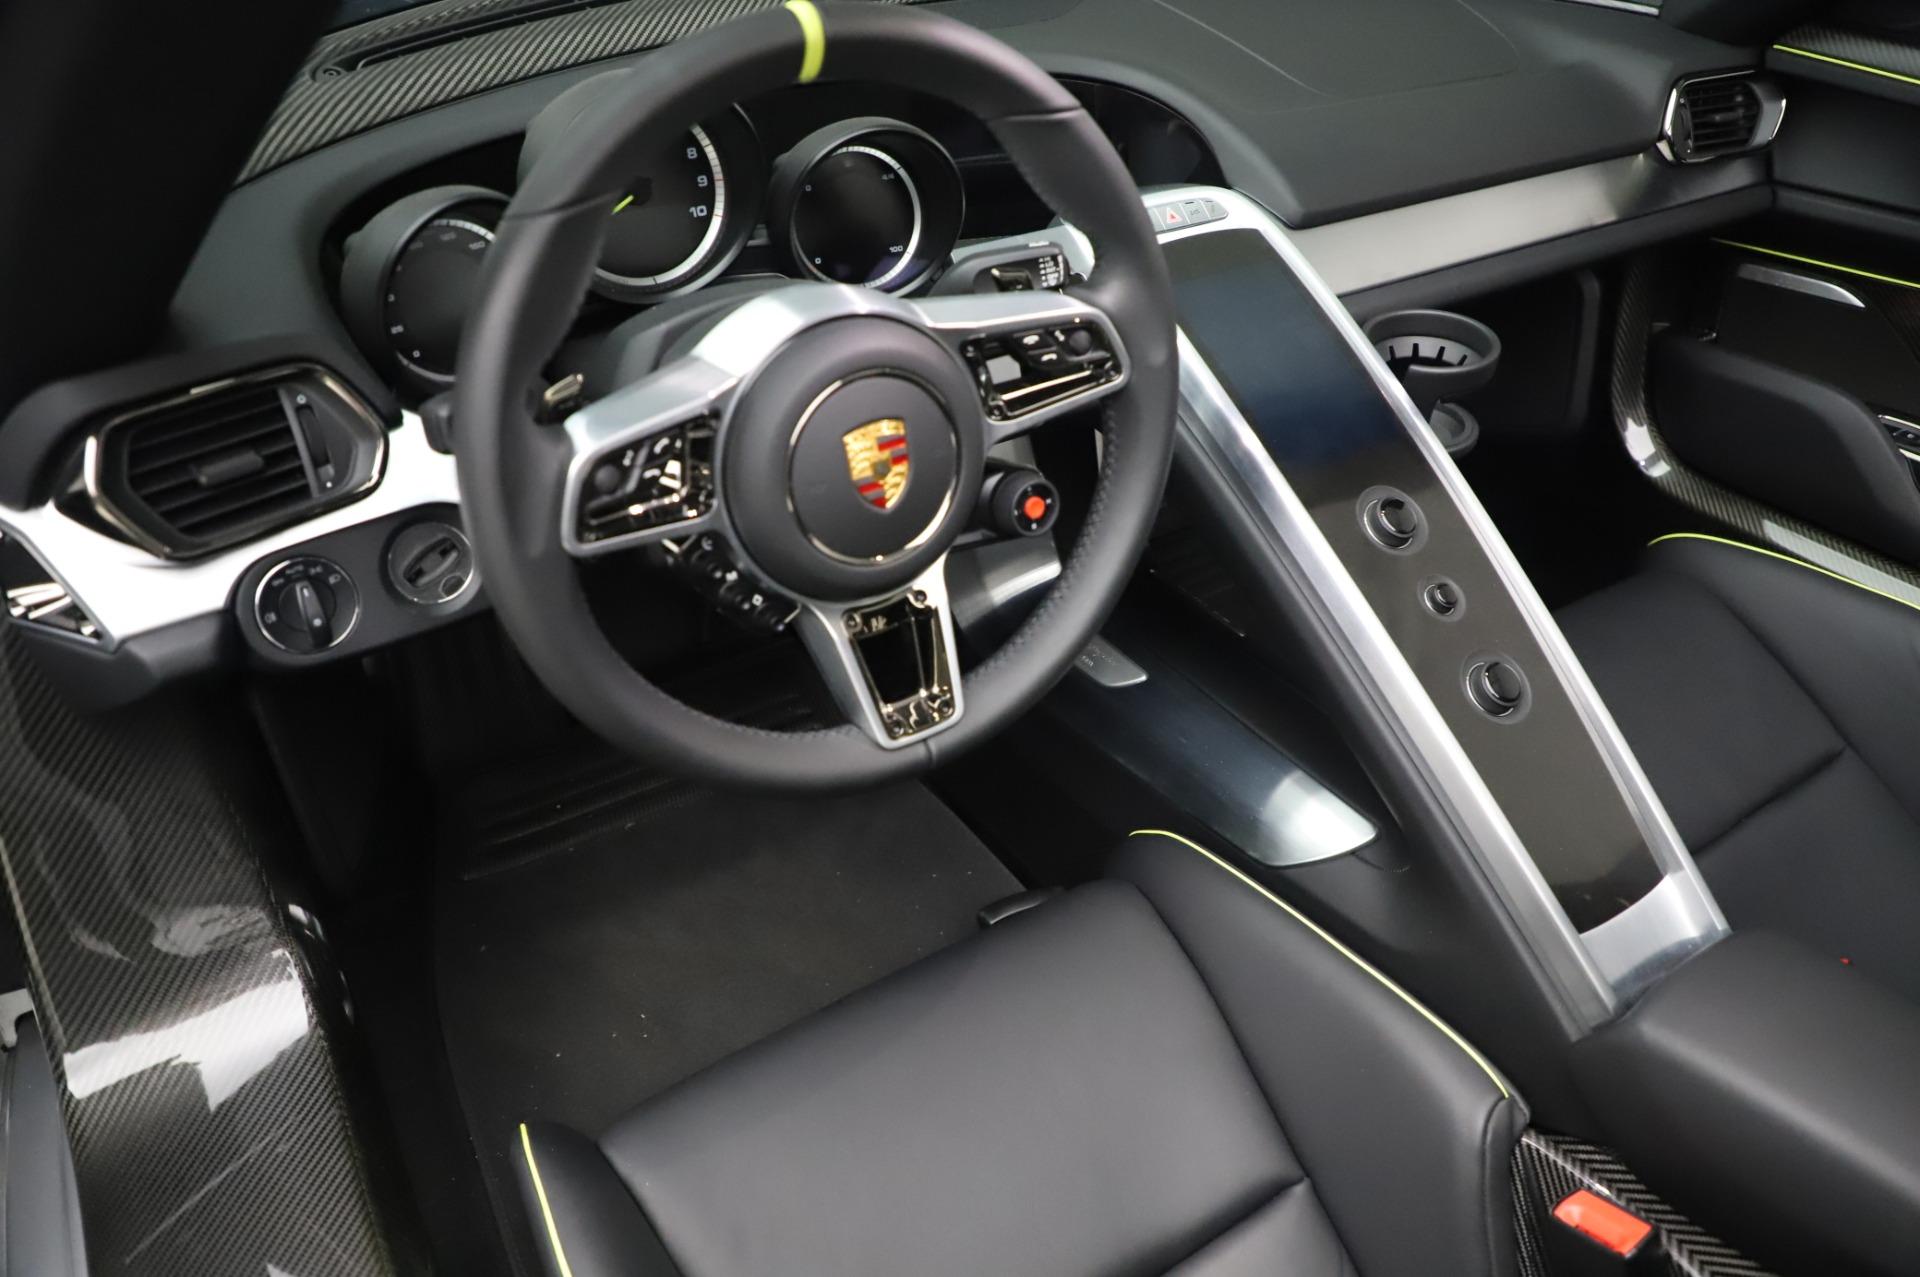 Used 2015 Porsche 918 Spyder